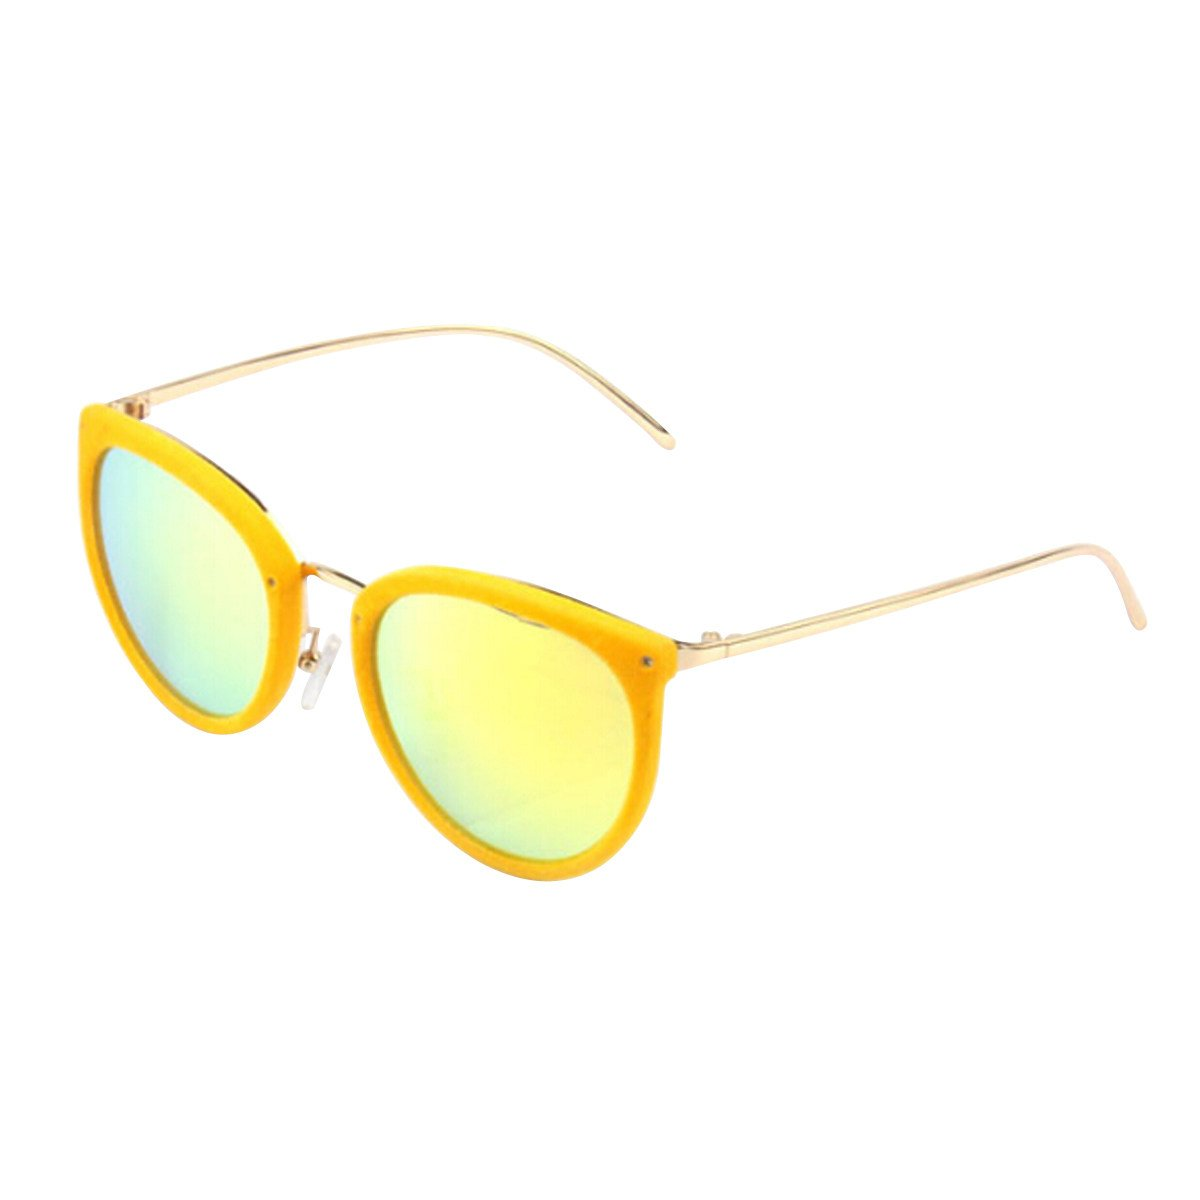 Personalisierte Sonnenbrille Mode Retro Plüsch Sonnenbrille Damen Reflektierende Gezeiten Sonnenbrillen,BlackBoxWhiteFilmC1